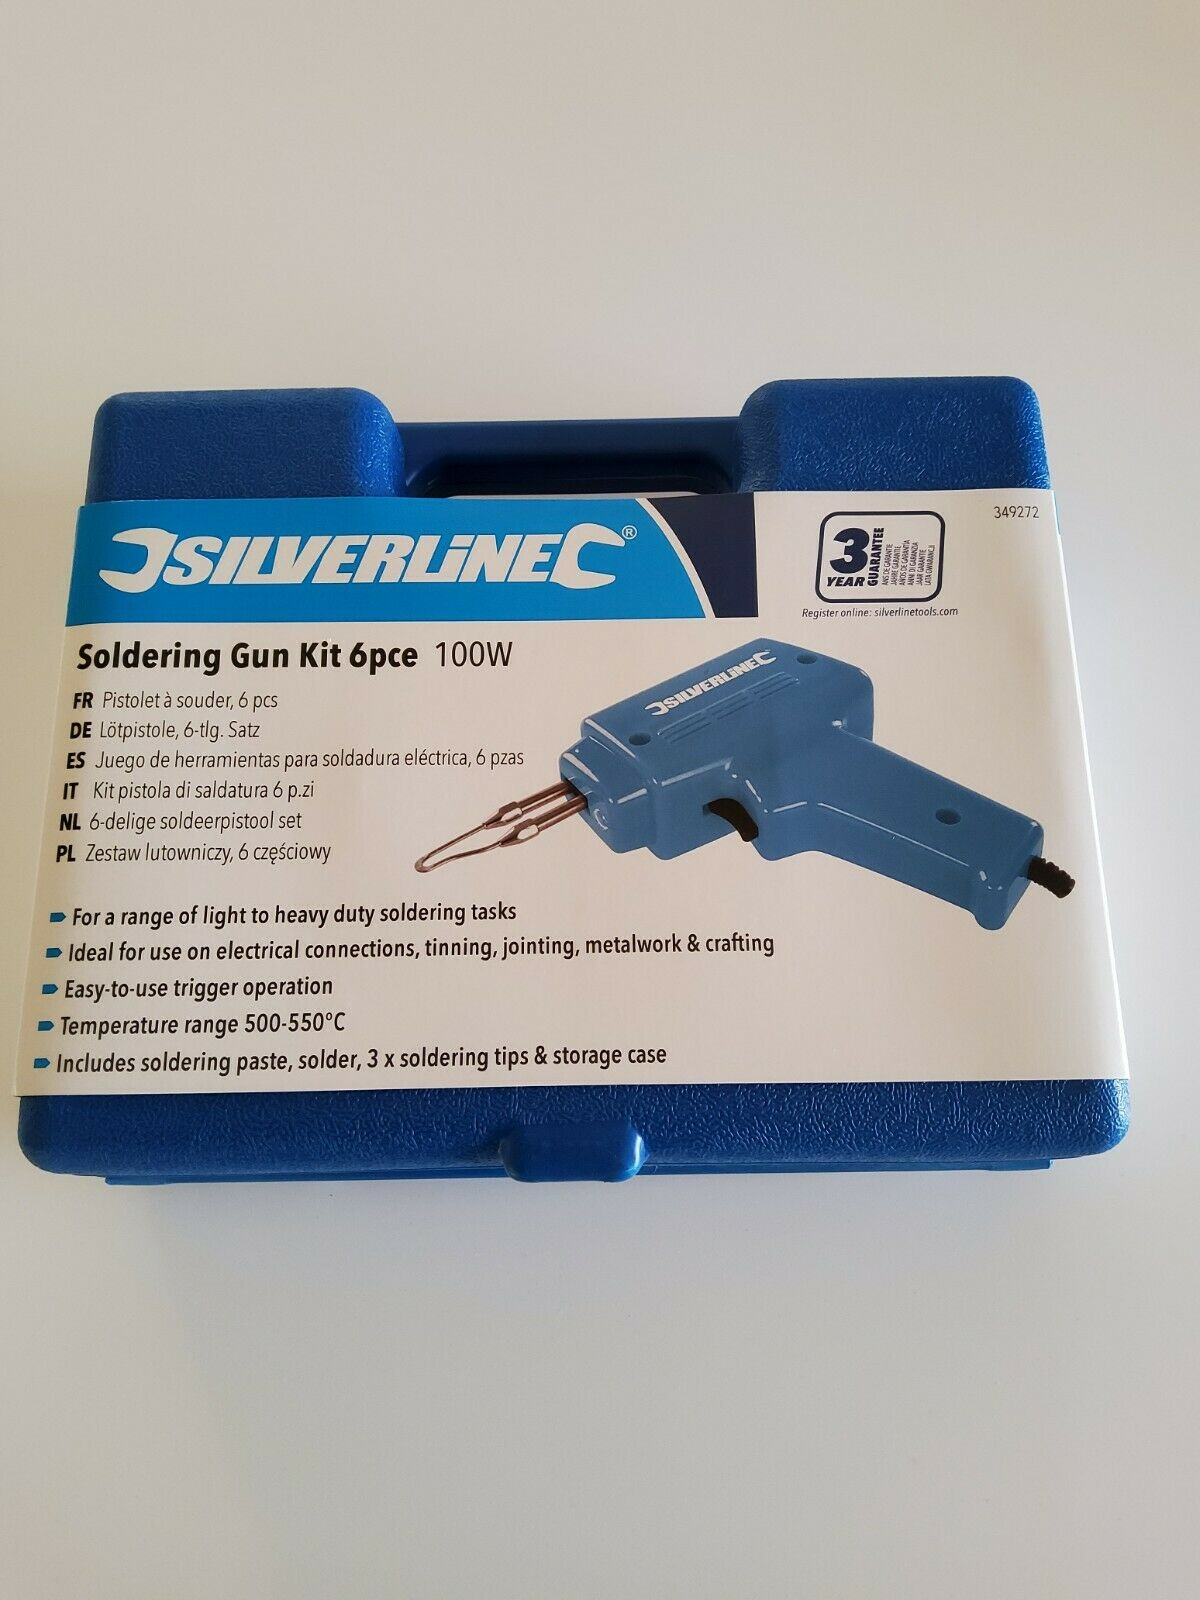 Silverline 349272 100 W Royaume-Uni à souder Gun Kit 6pce